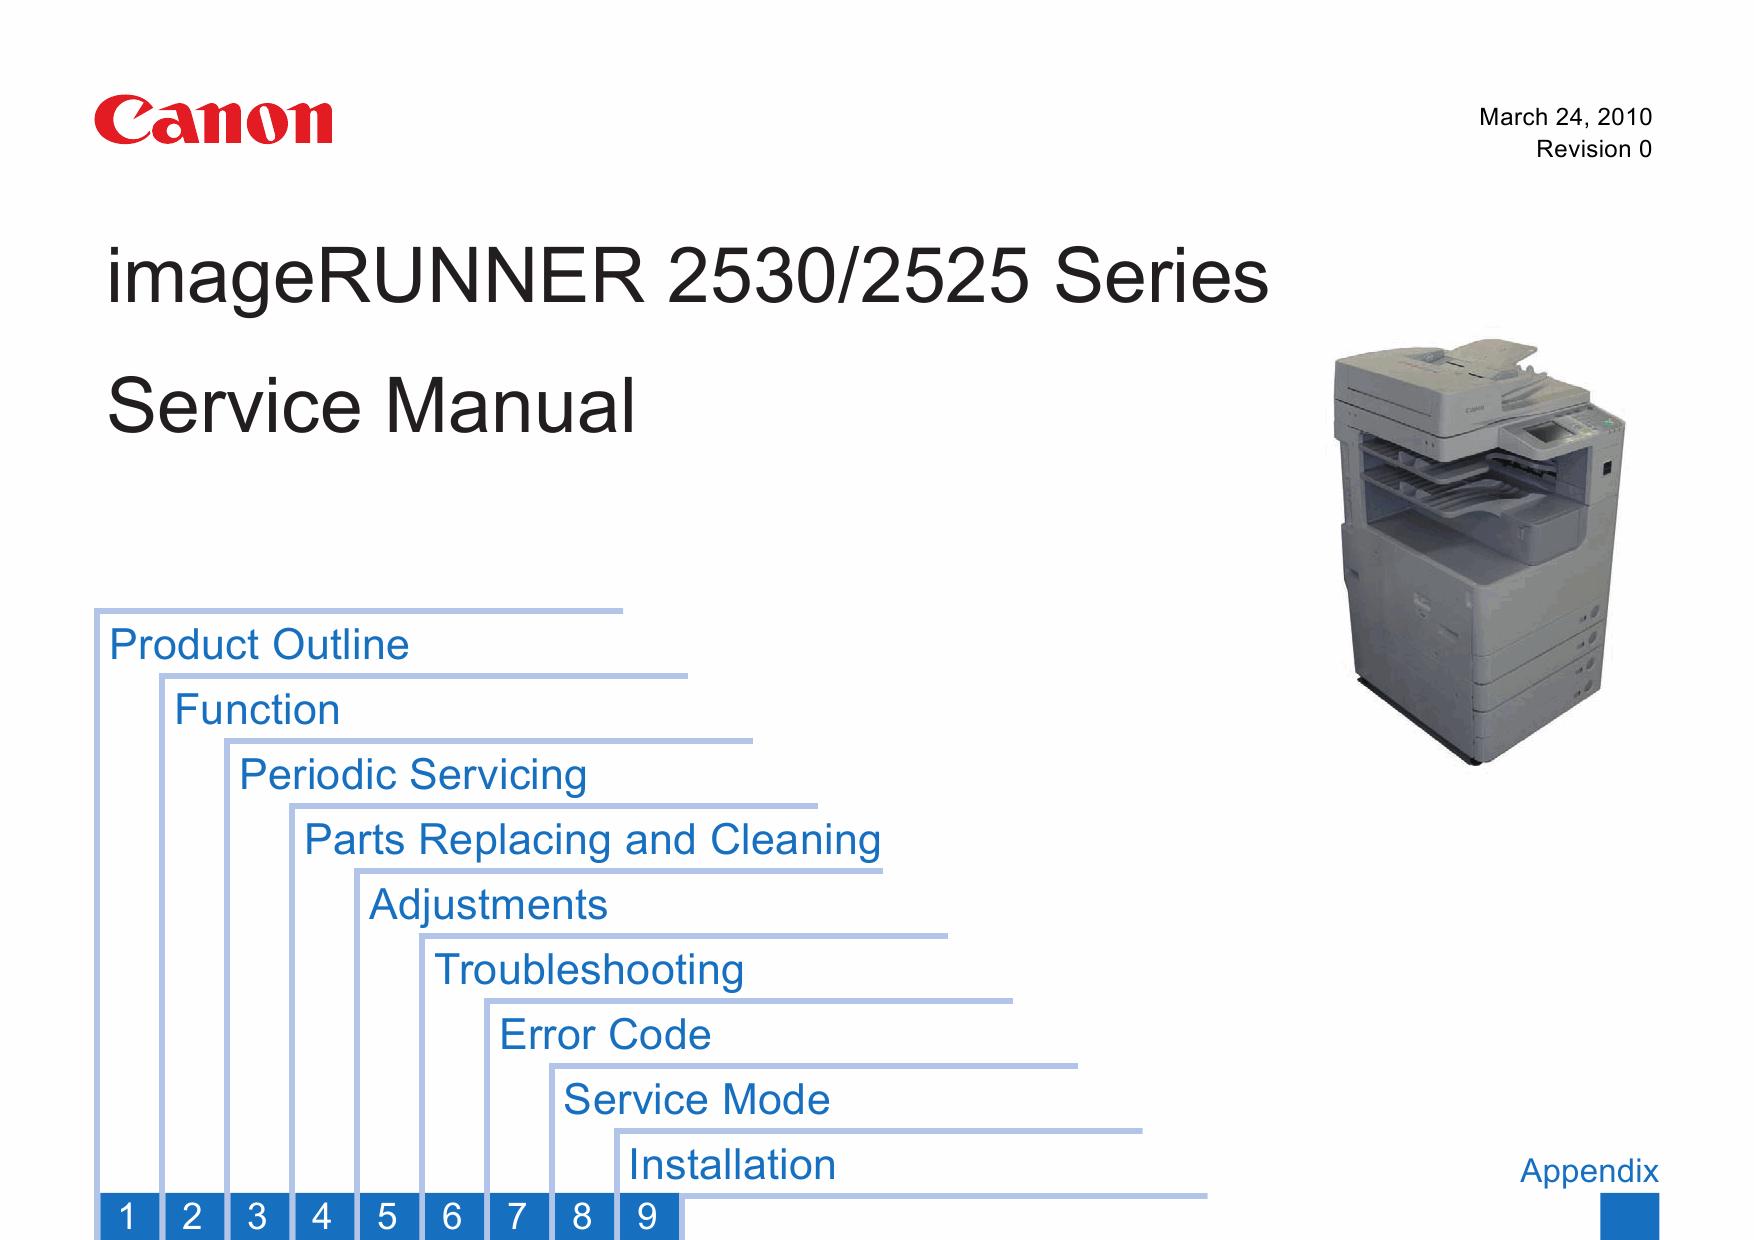 epson wf 2530 manual pdf